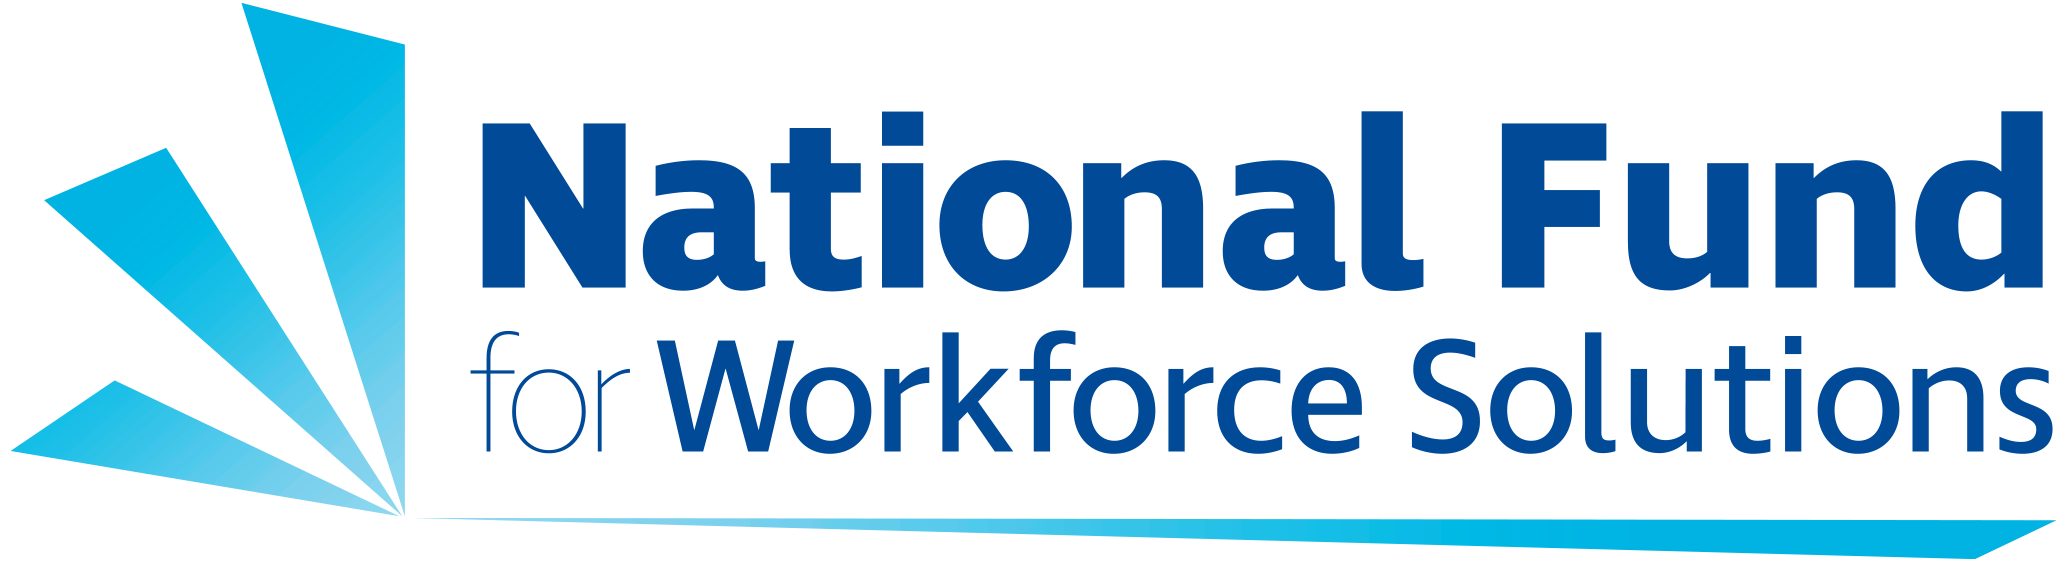 national-fund-logo-color